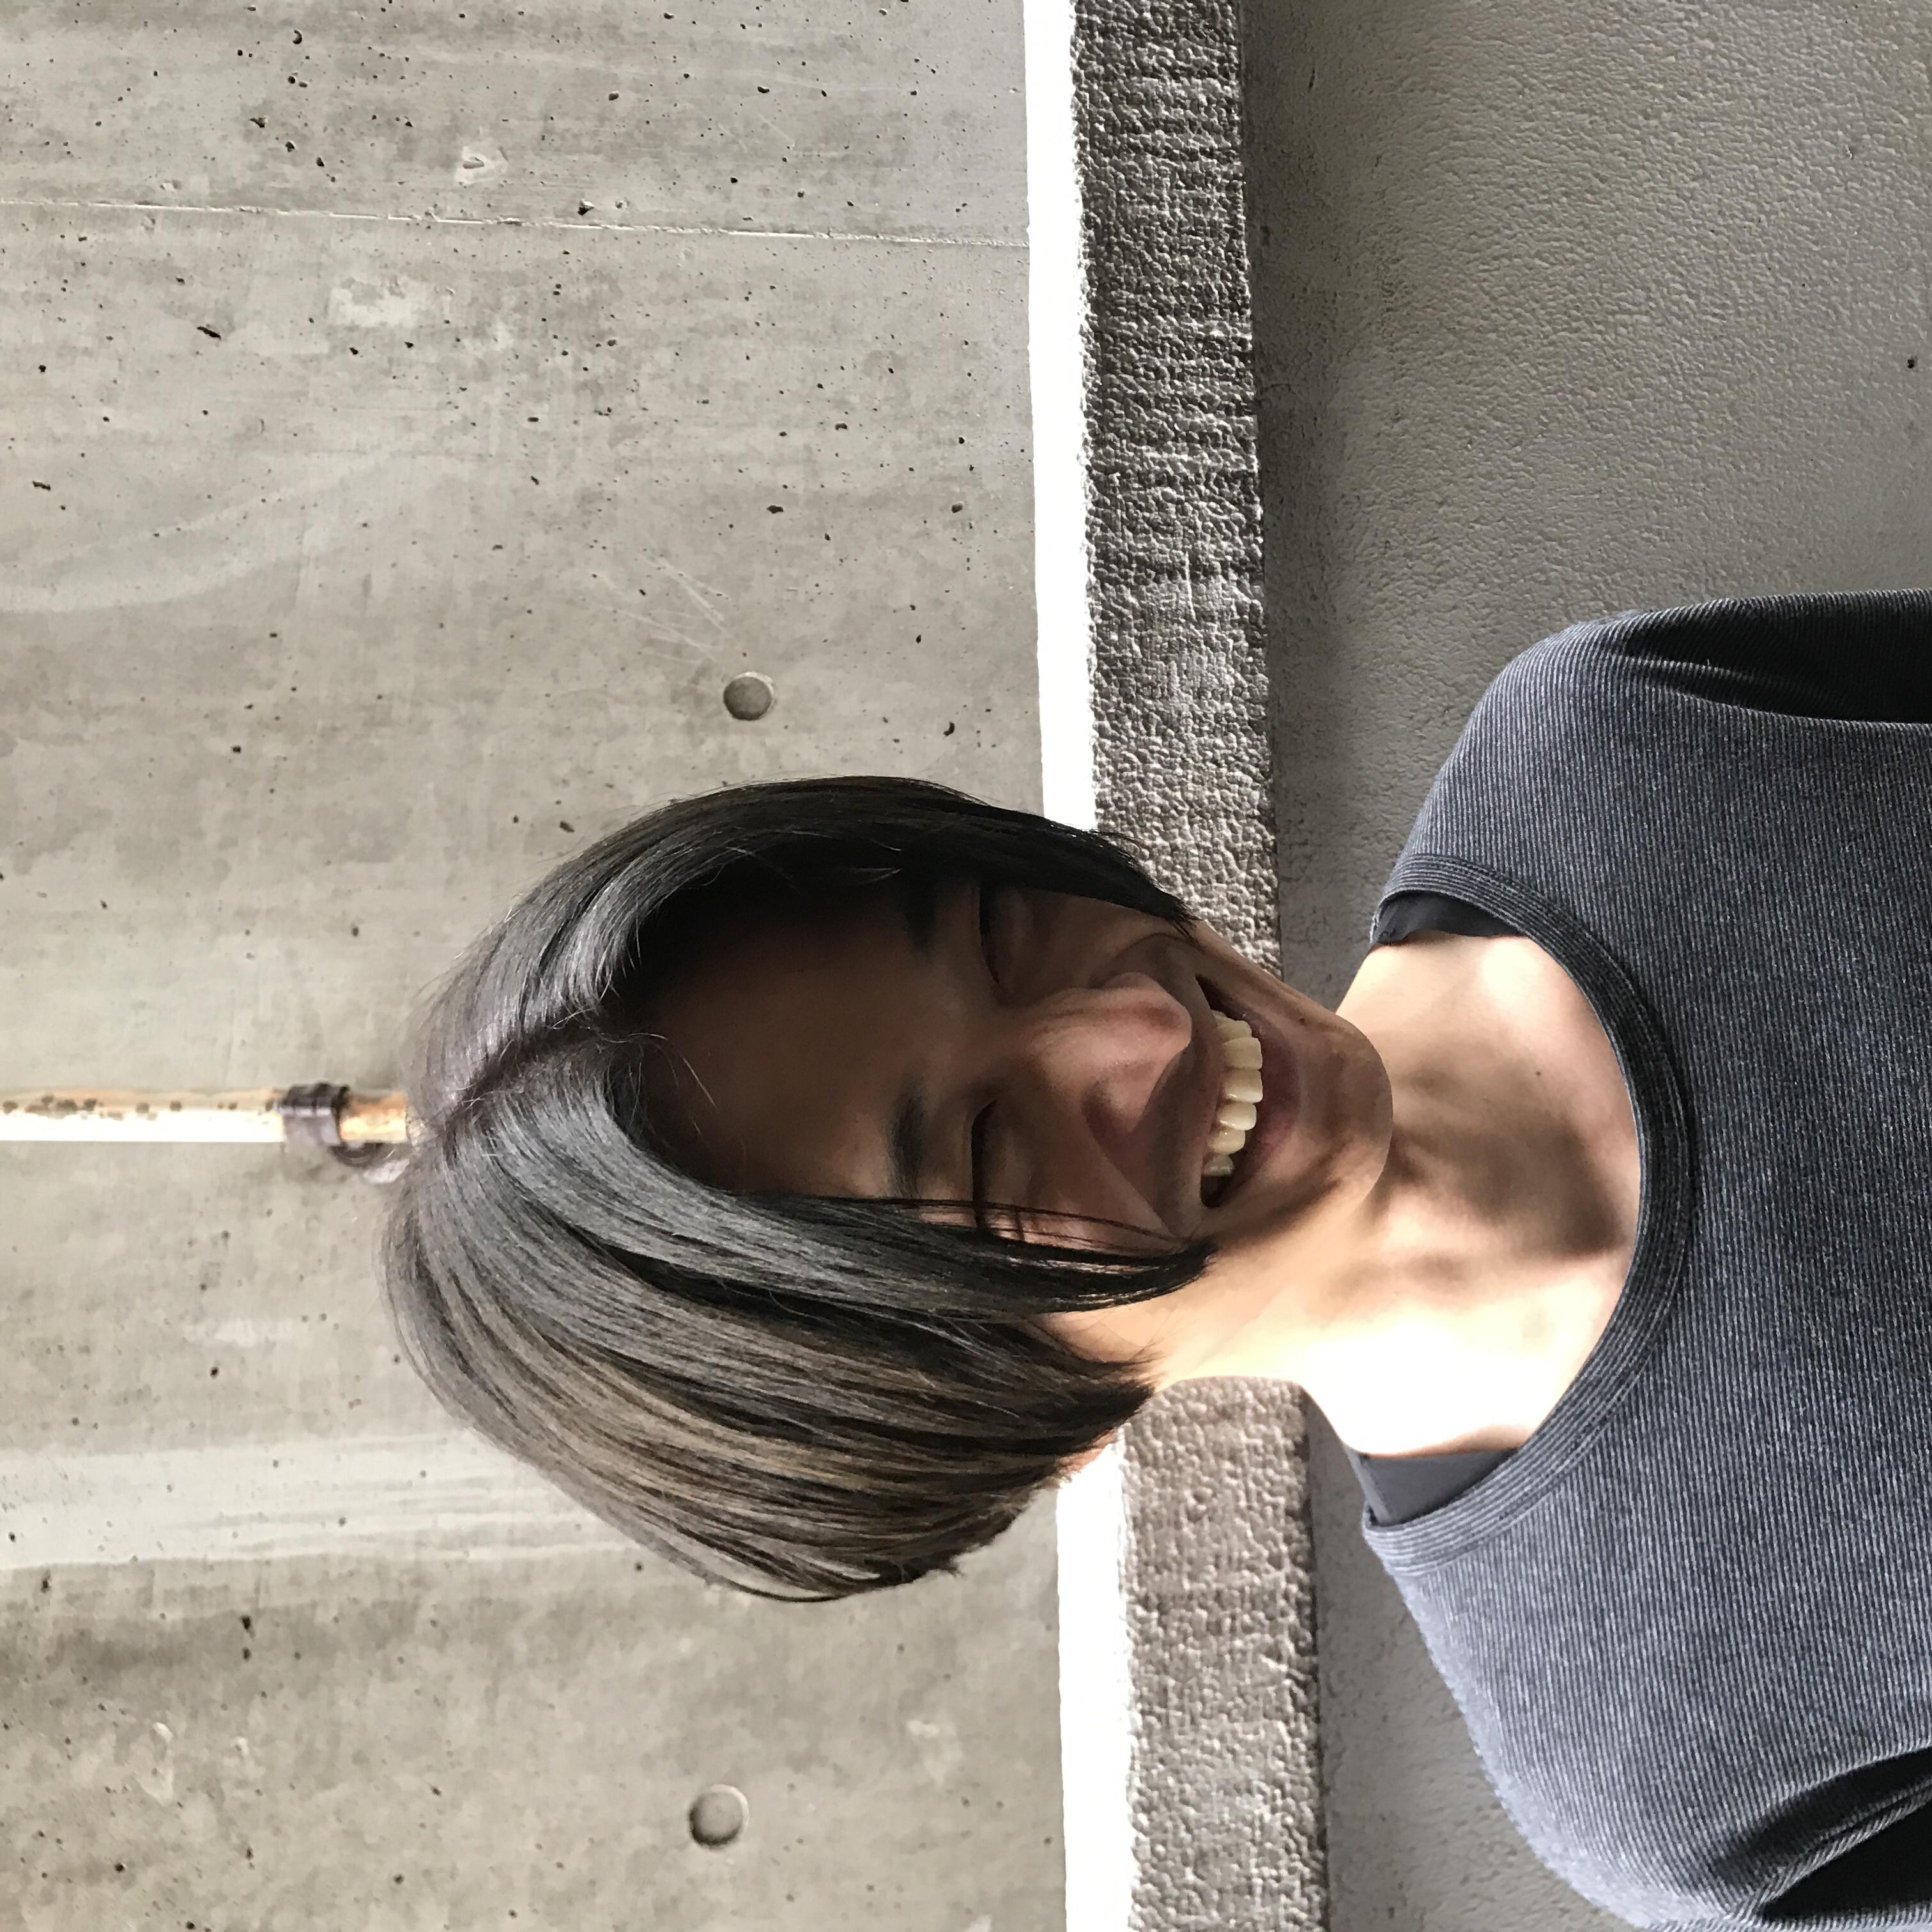 nozaki takafumi